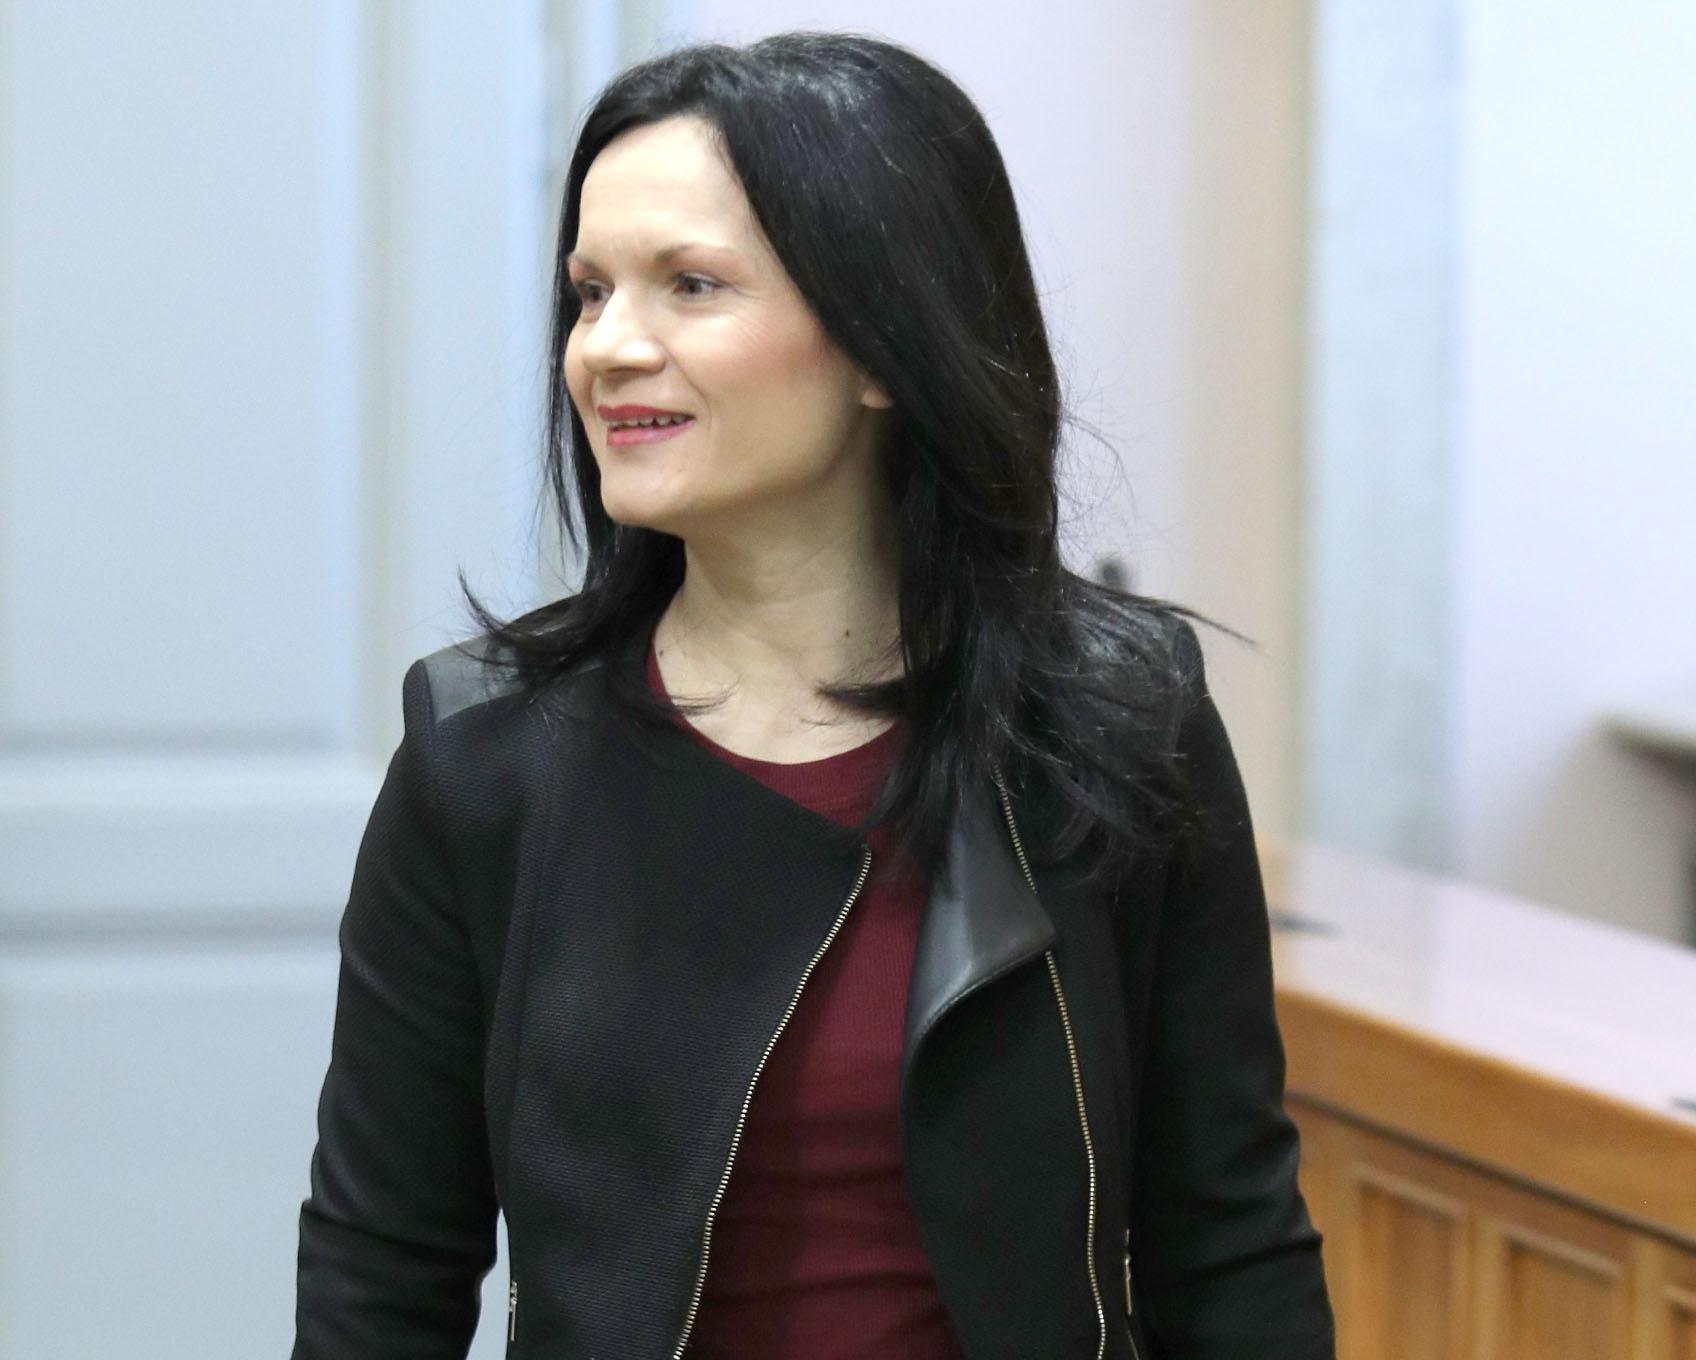 Zastupnica Marija Jelković u Saboru se pojavila u pripijenoj haljini